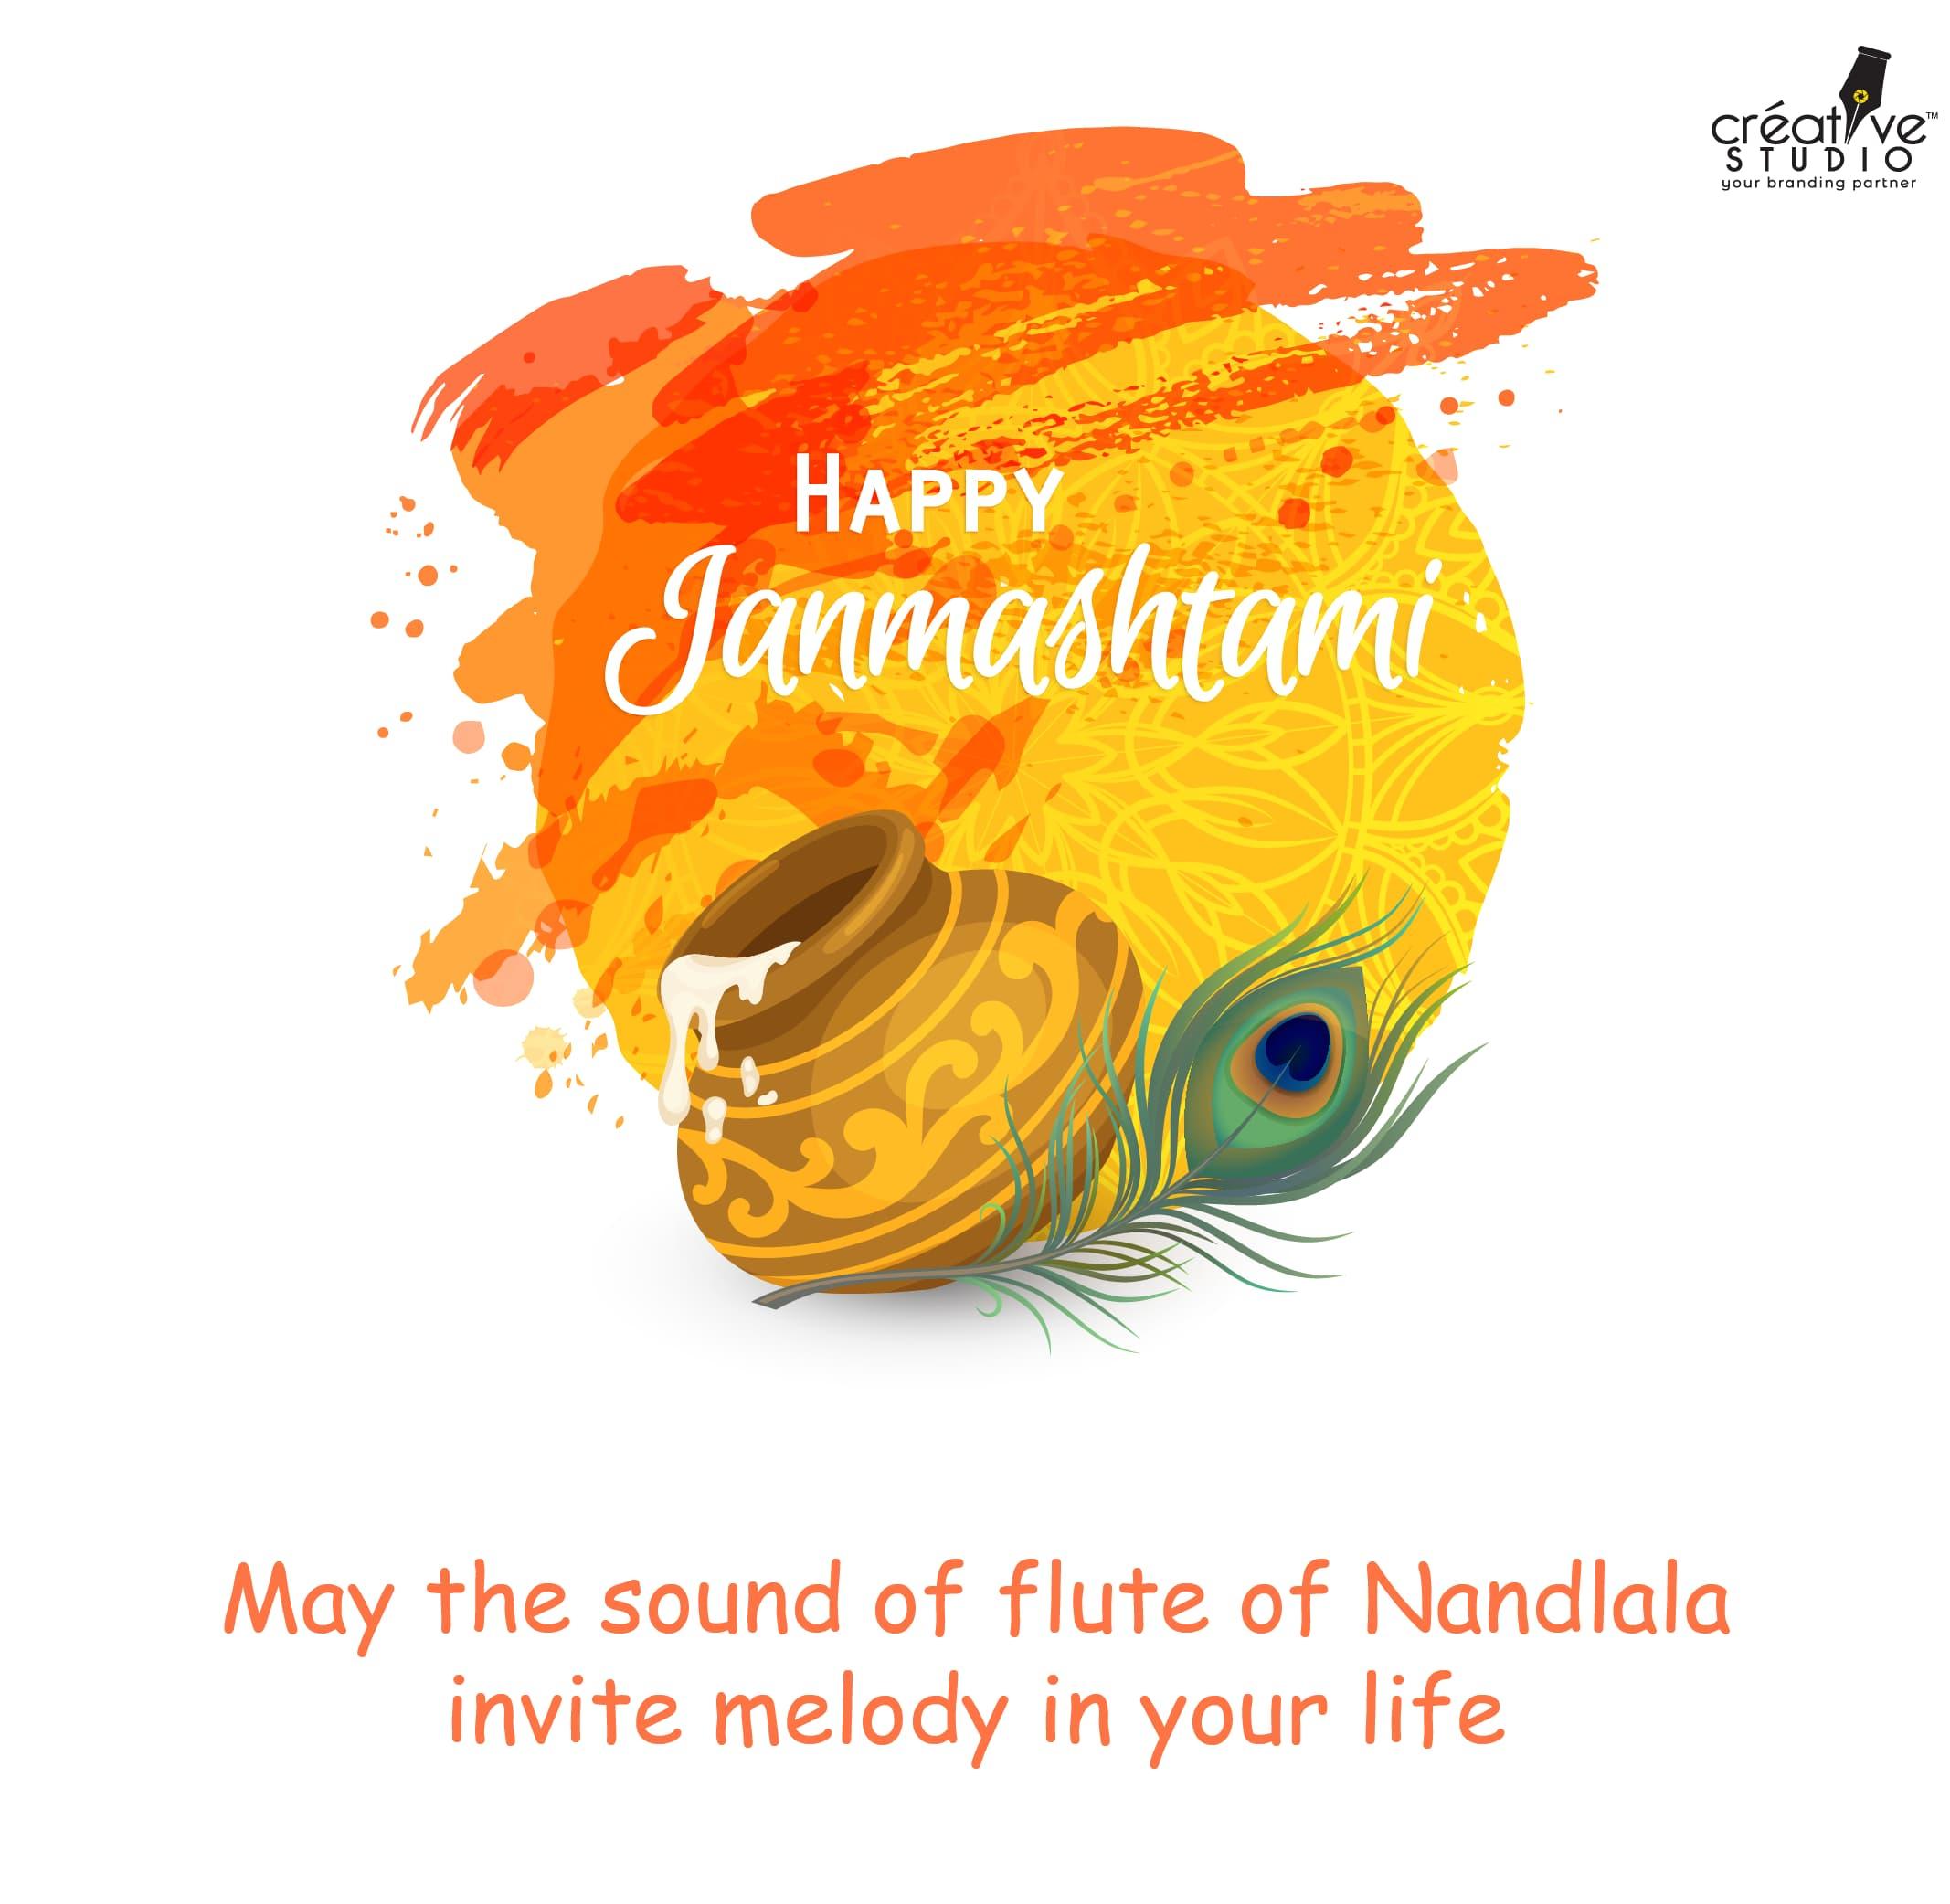 janamasthami 03 - Happy Janmastami